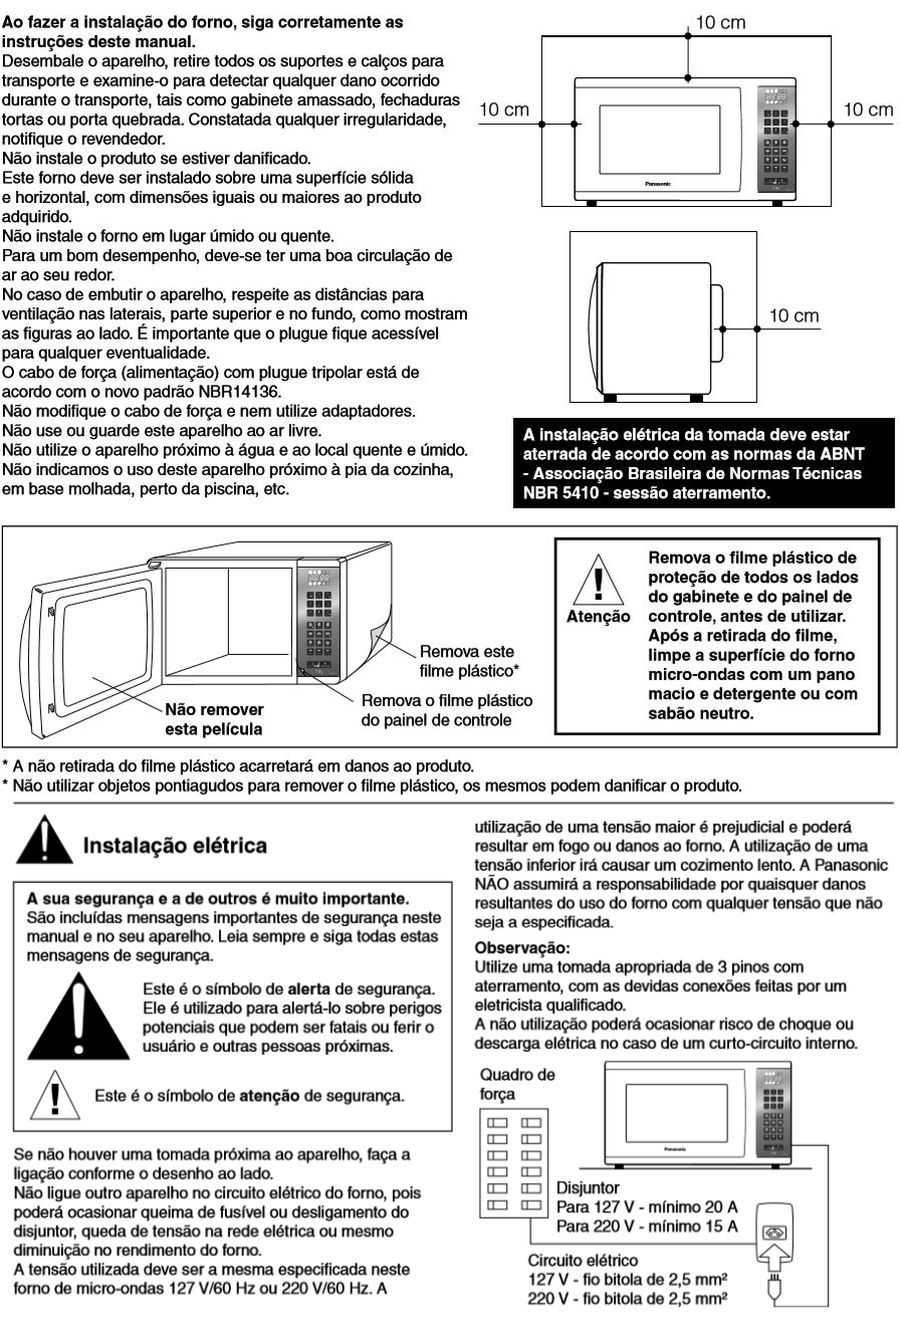 Manual de instruções do microondas Panasonic NN-GT68H - Instalação